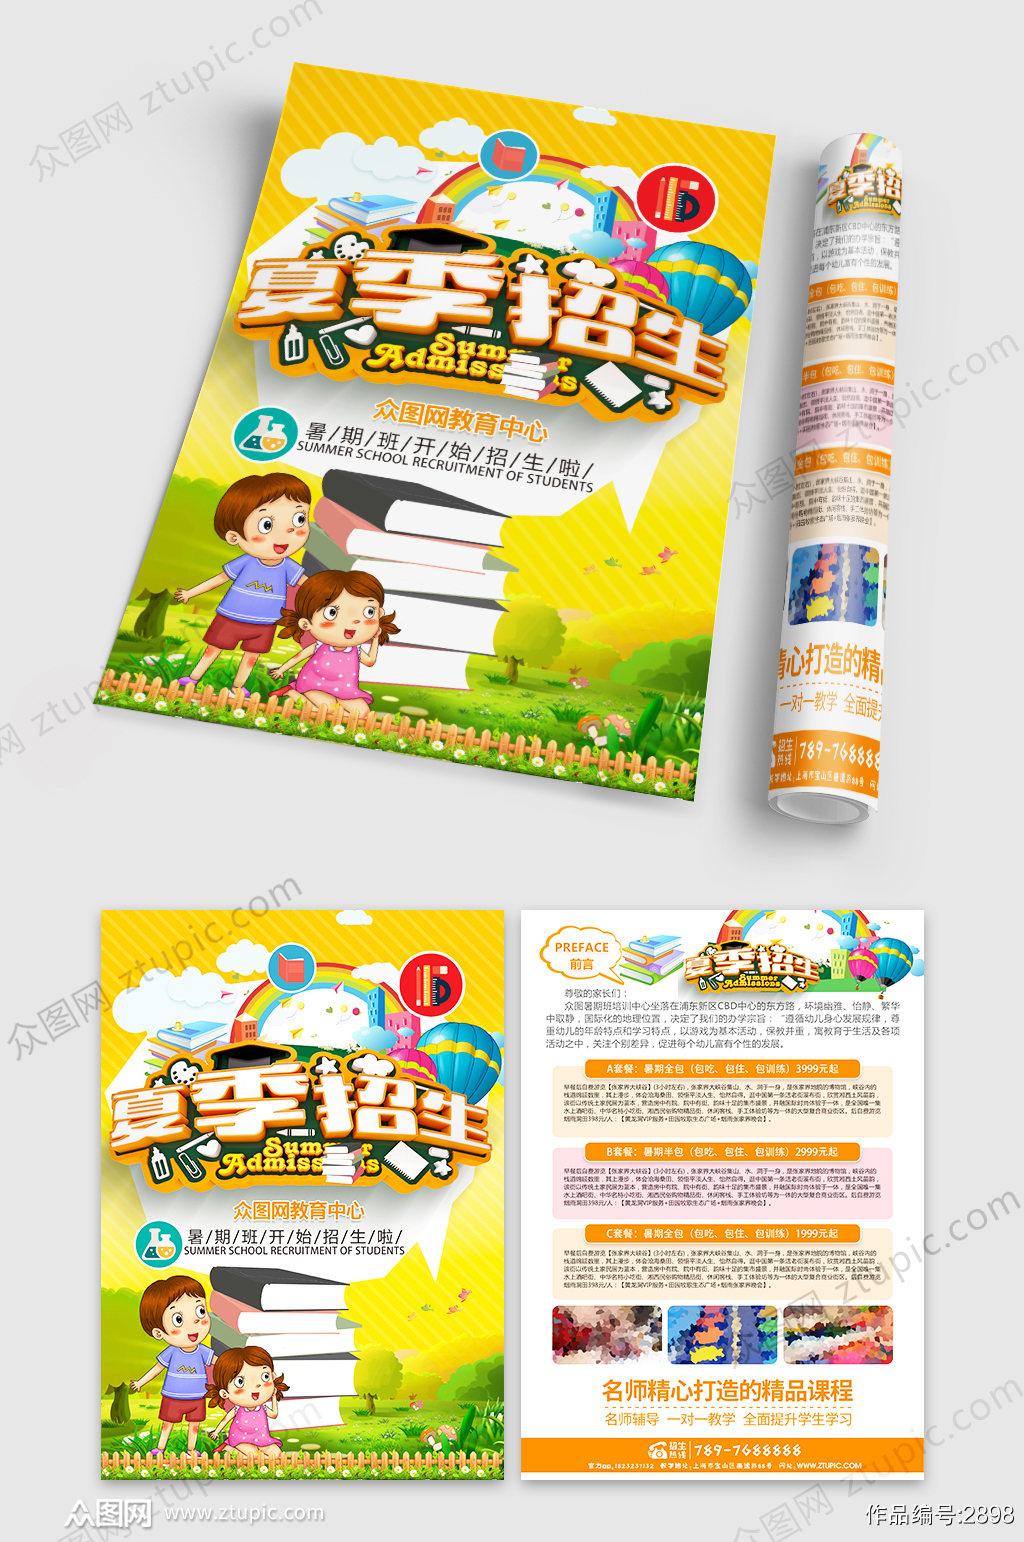 黄色卡通夏季招生少儿辅导班宣传单素材